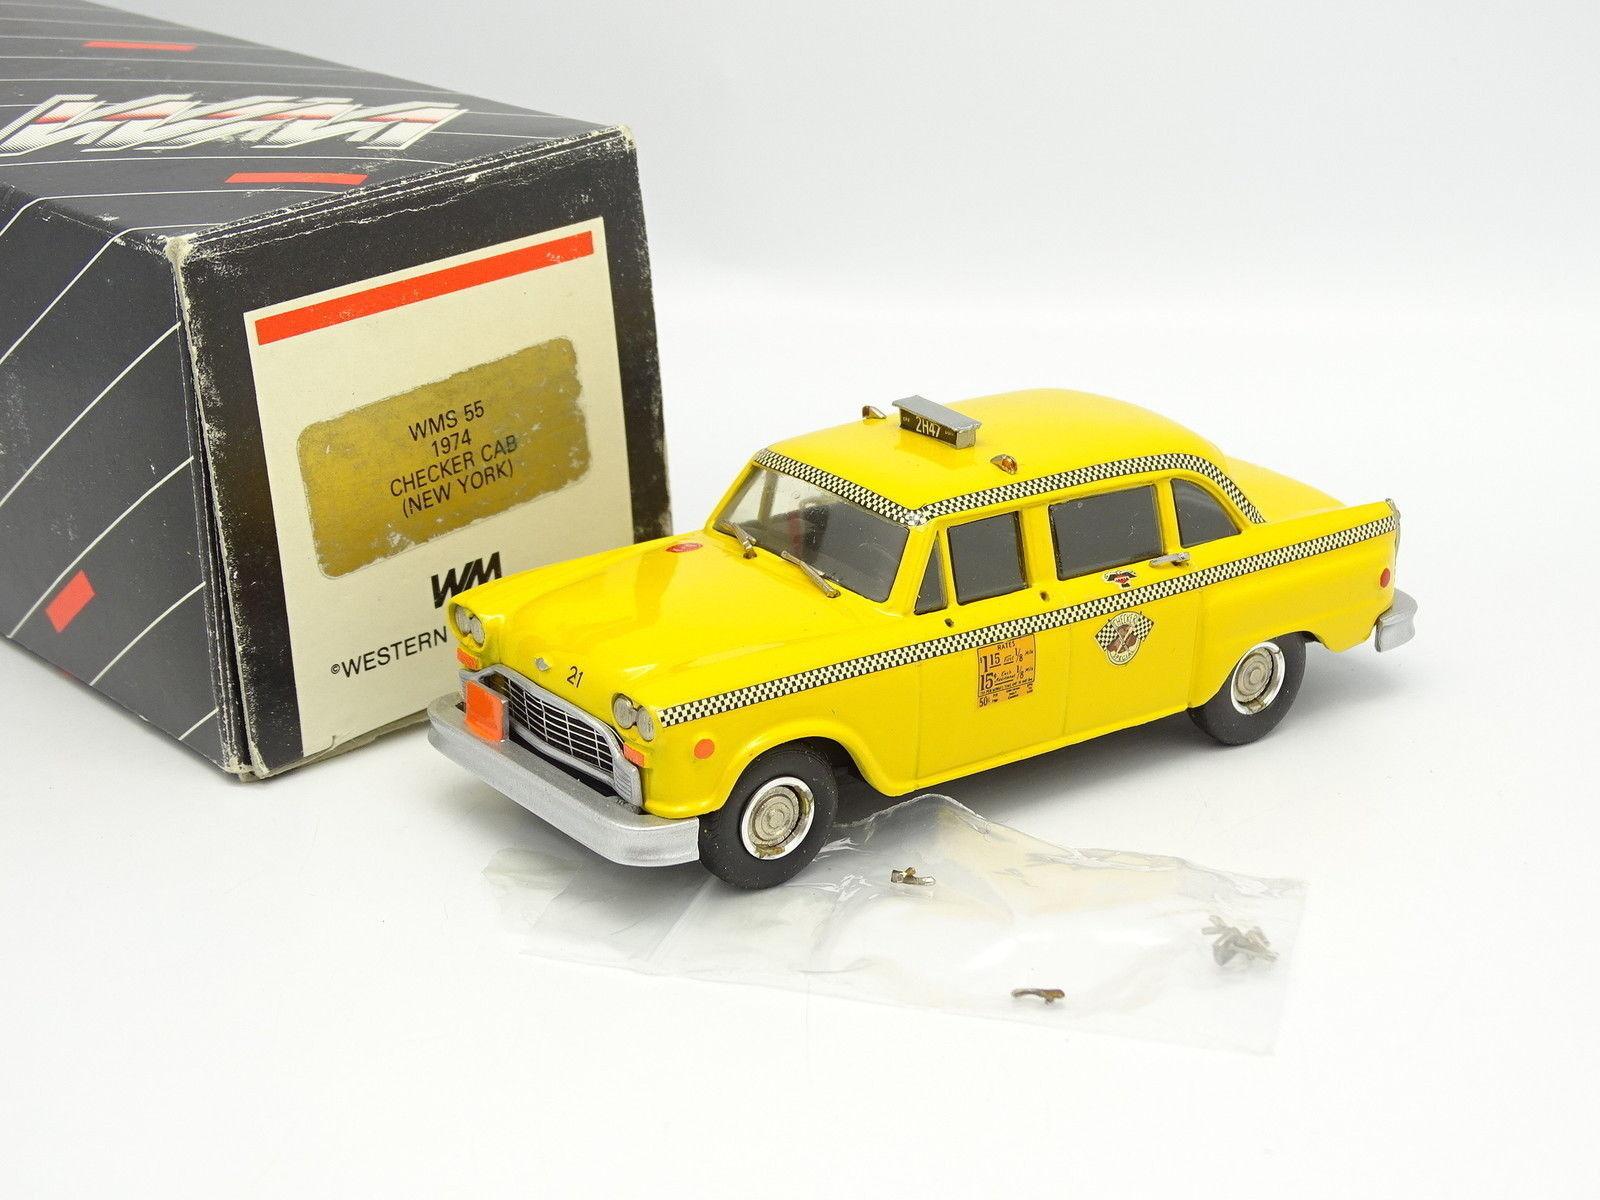 Écrasons l'oeuf d'or avec le pouvoir d'achat groupé. Western Models 1/43 Checker Cab Taxi New York 1974 | En Ligne